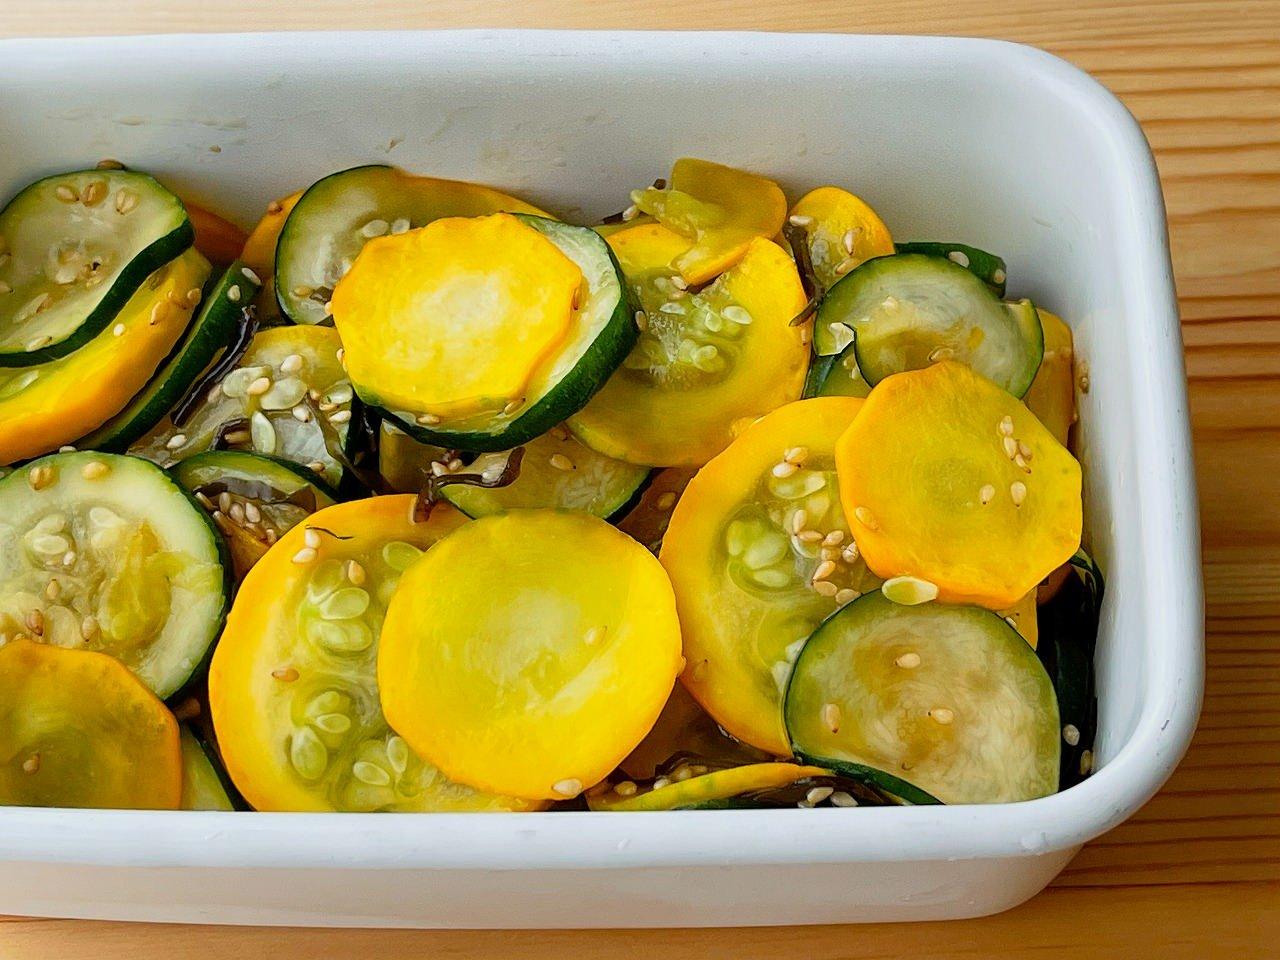 【野菜ひとつ】ズッキーニの塩昆布ごまサラダ